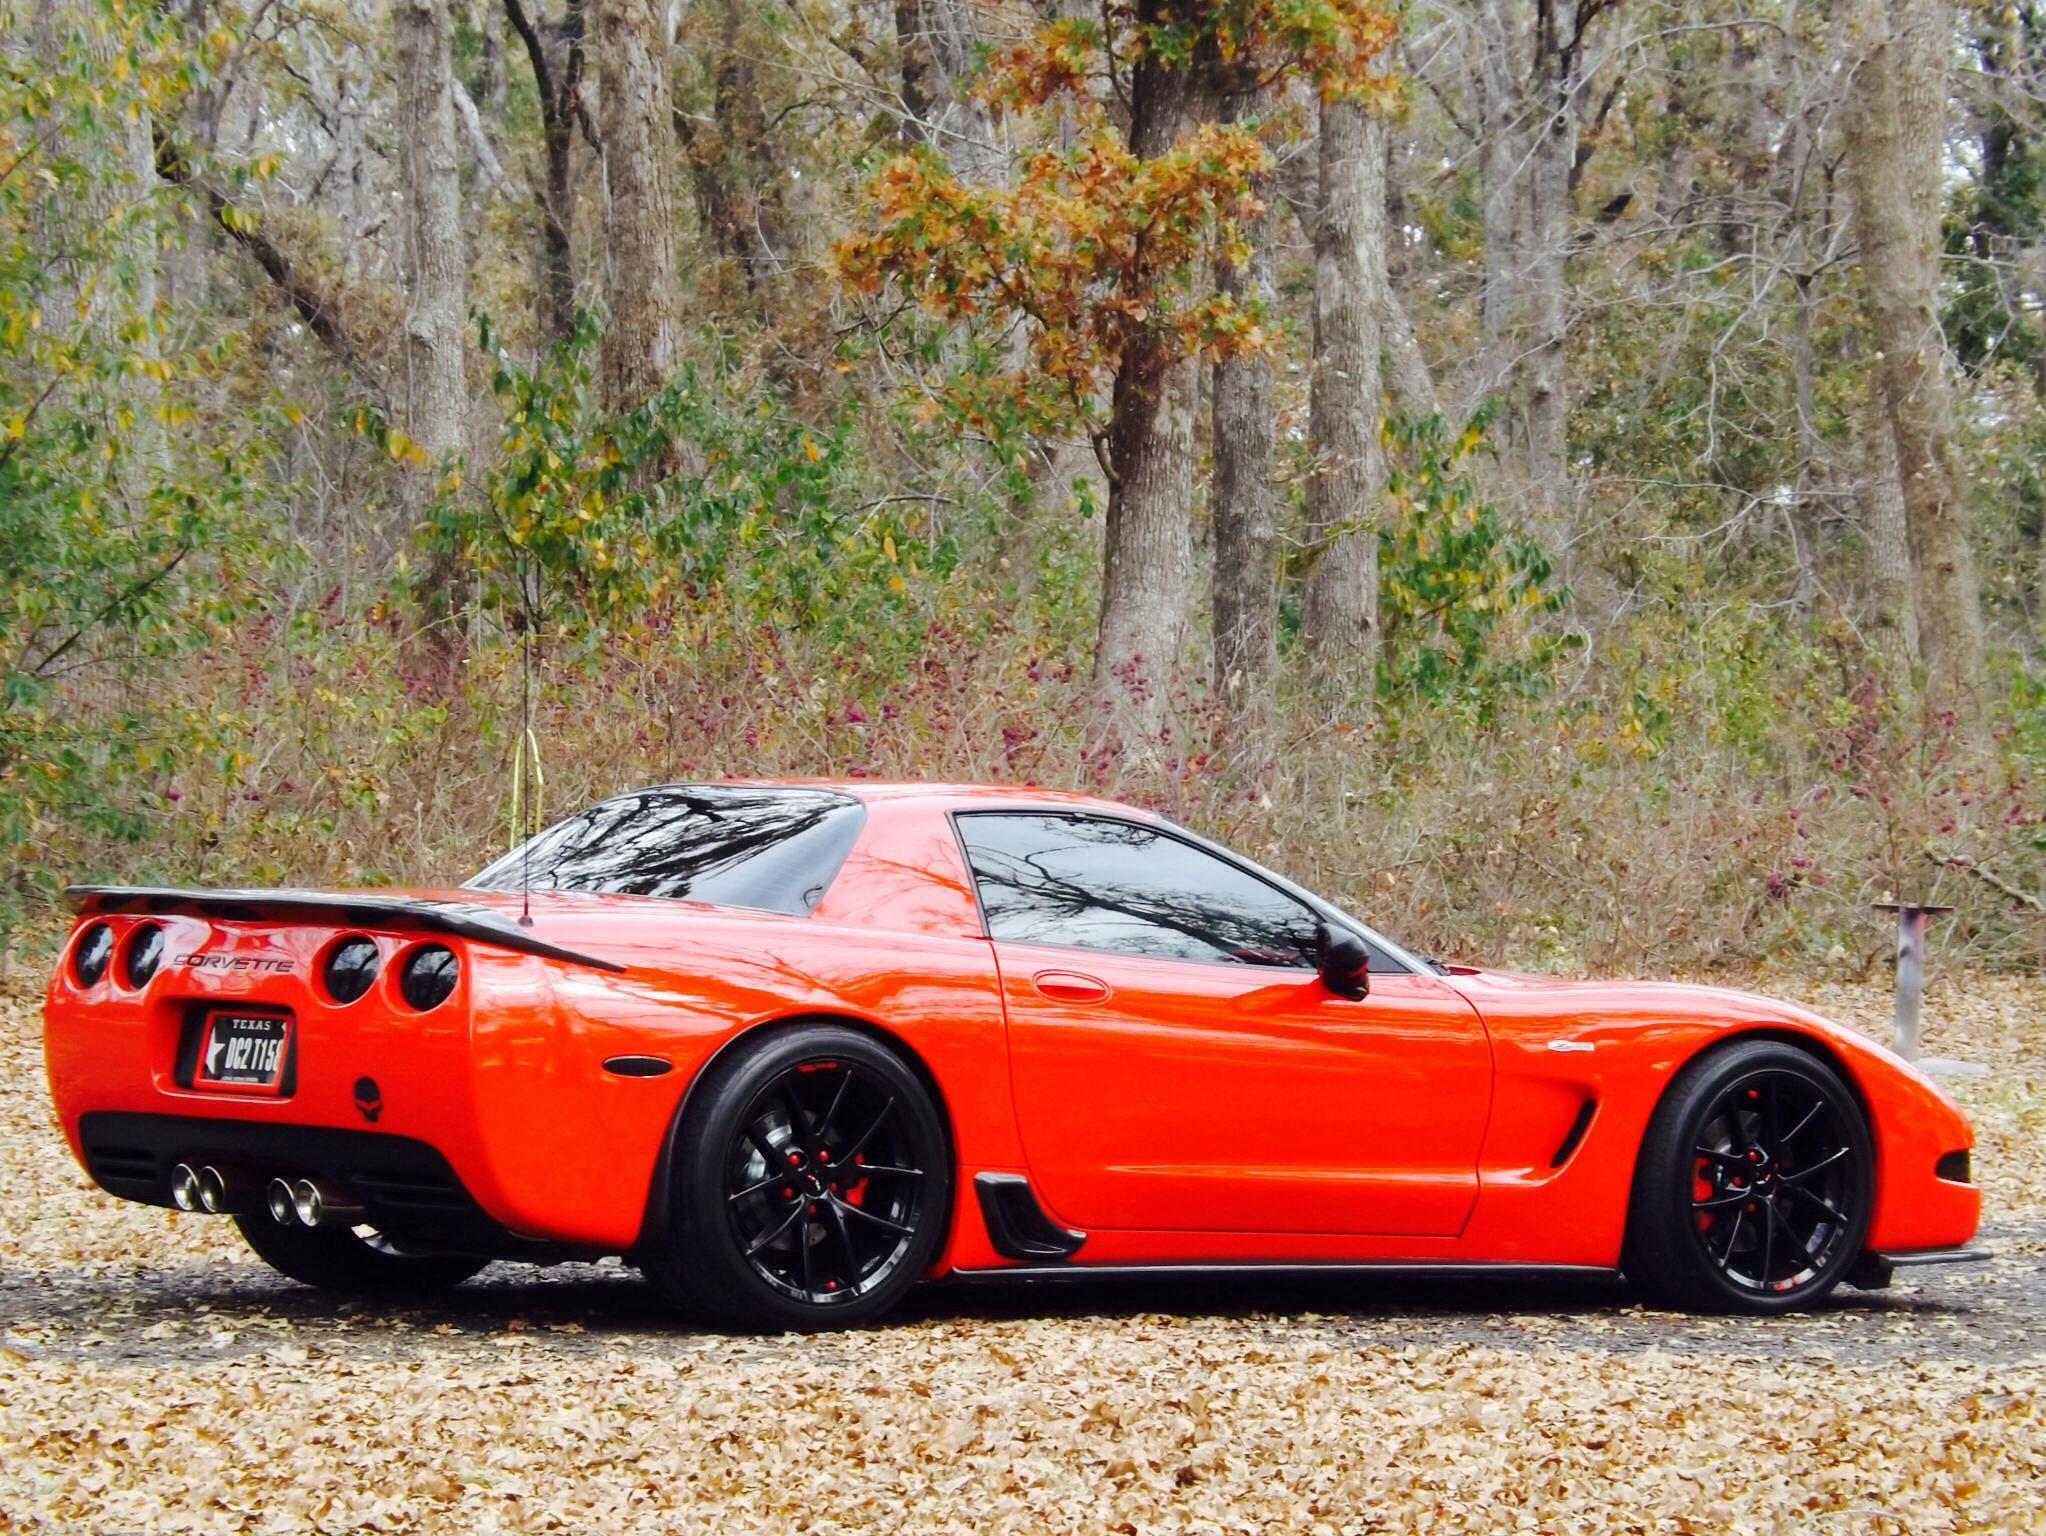 Best 25 corvette c5 ideas on pinterest c5 corvette wheels chevrolet car models and corvette c4